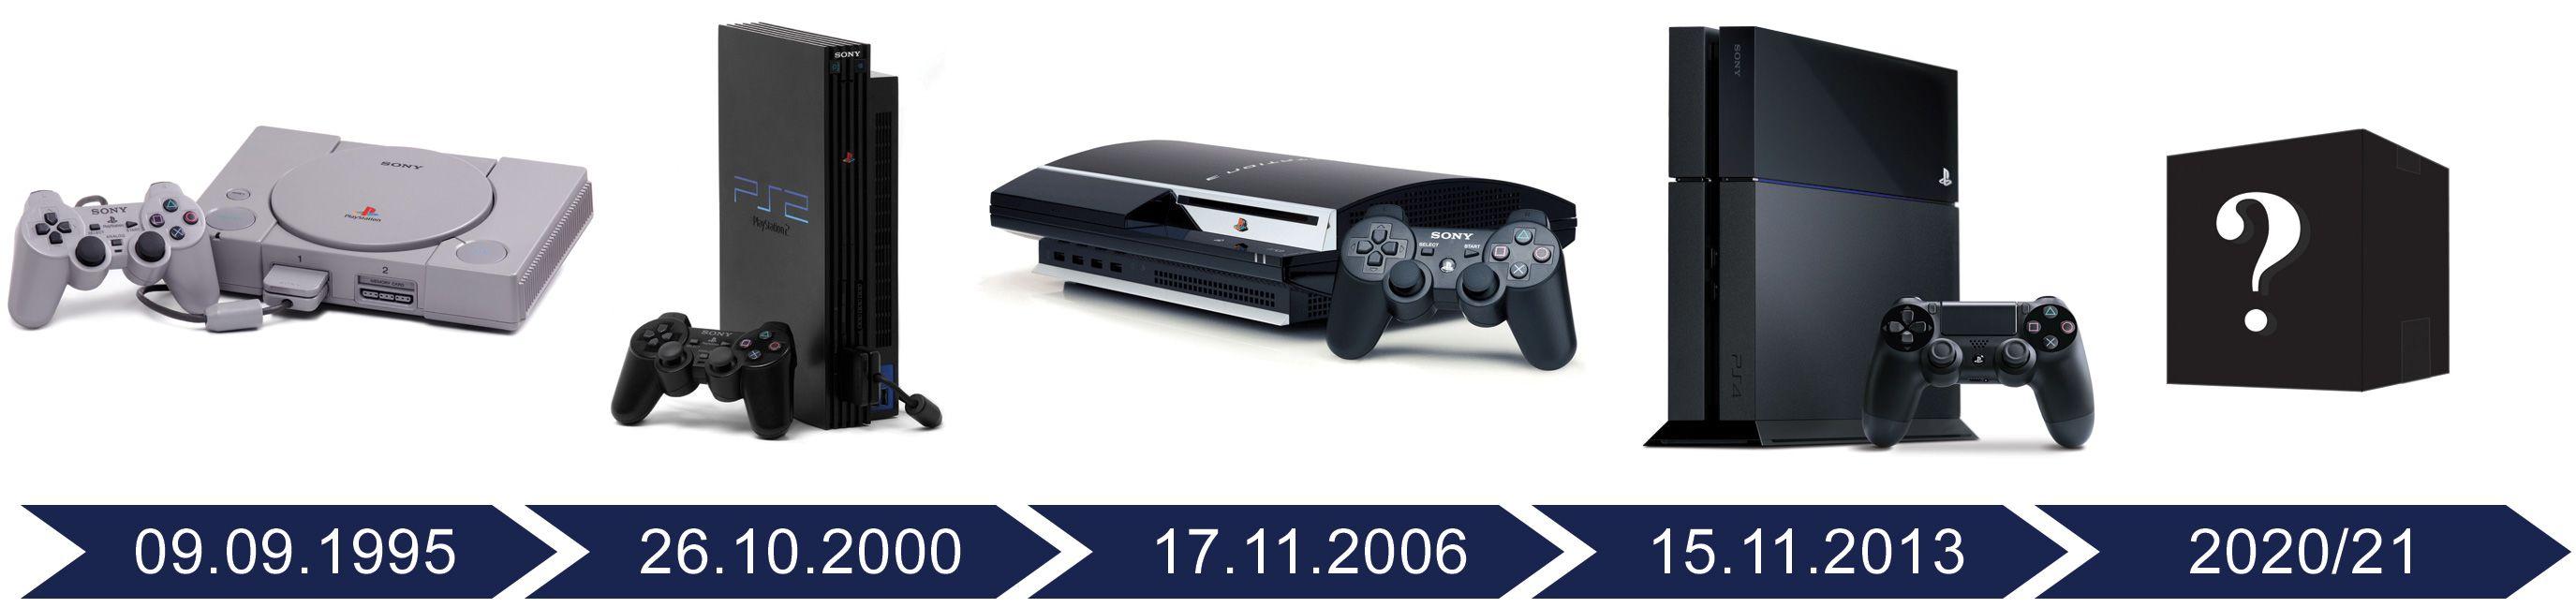 Alle PlayStation Konsolen Erscheinungstermine